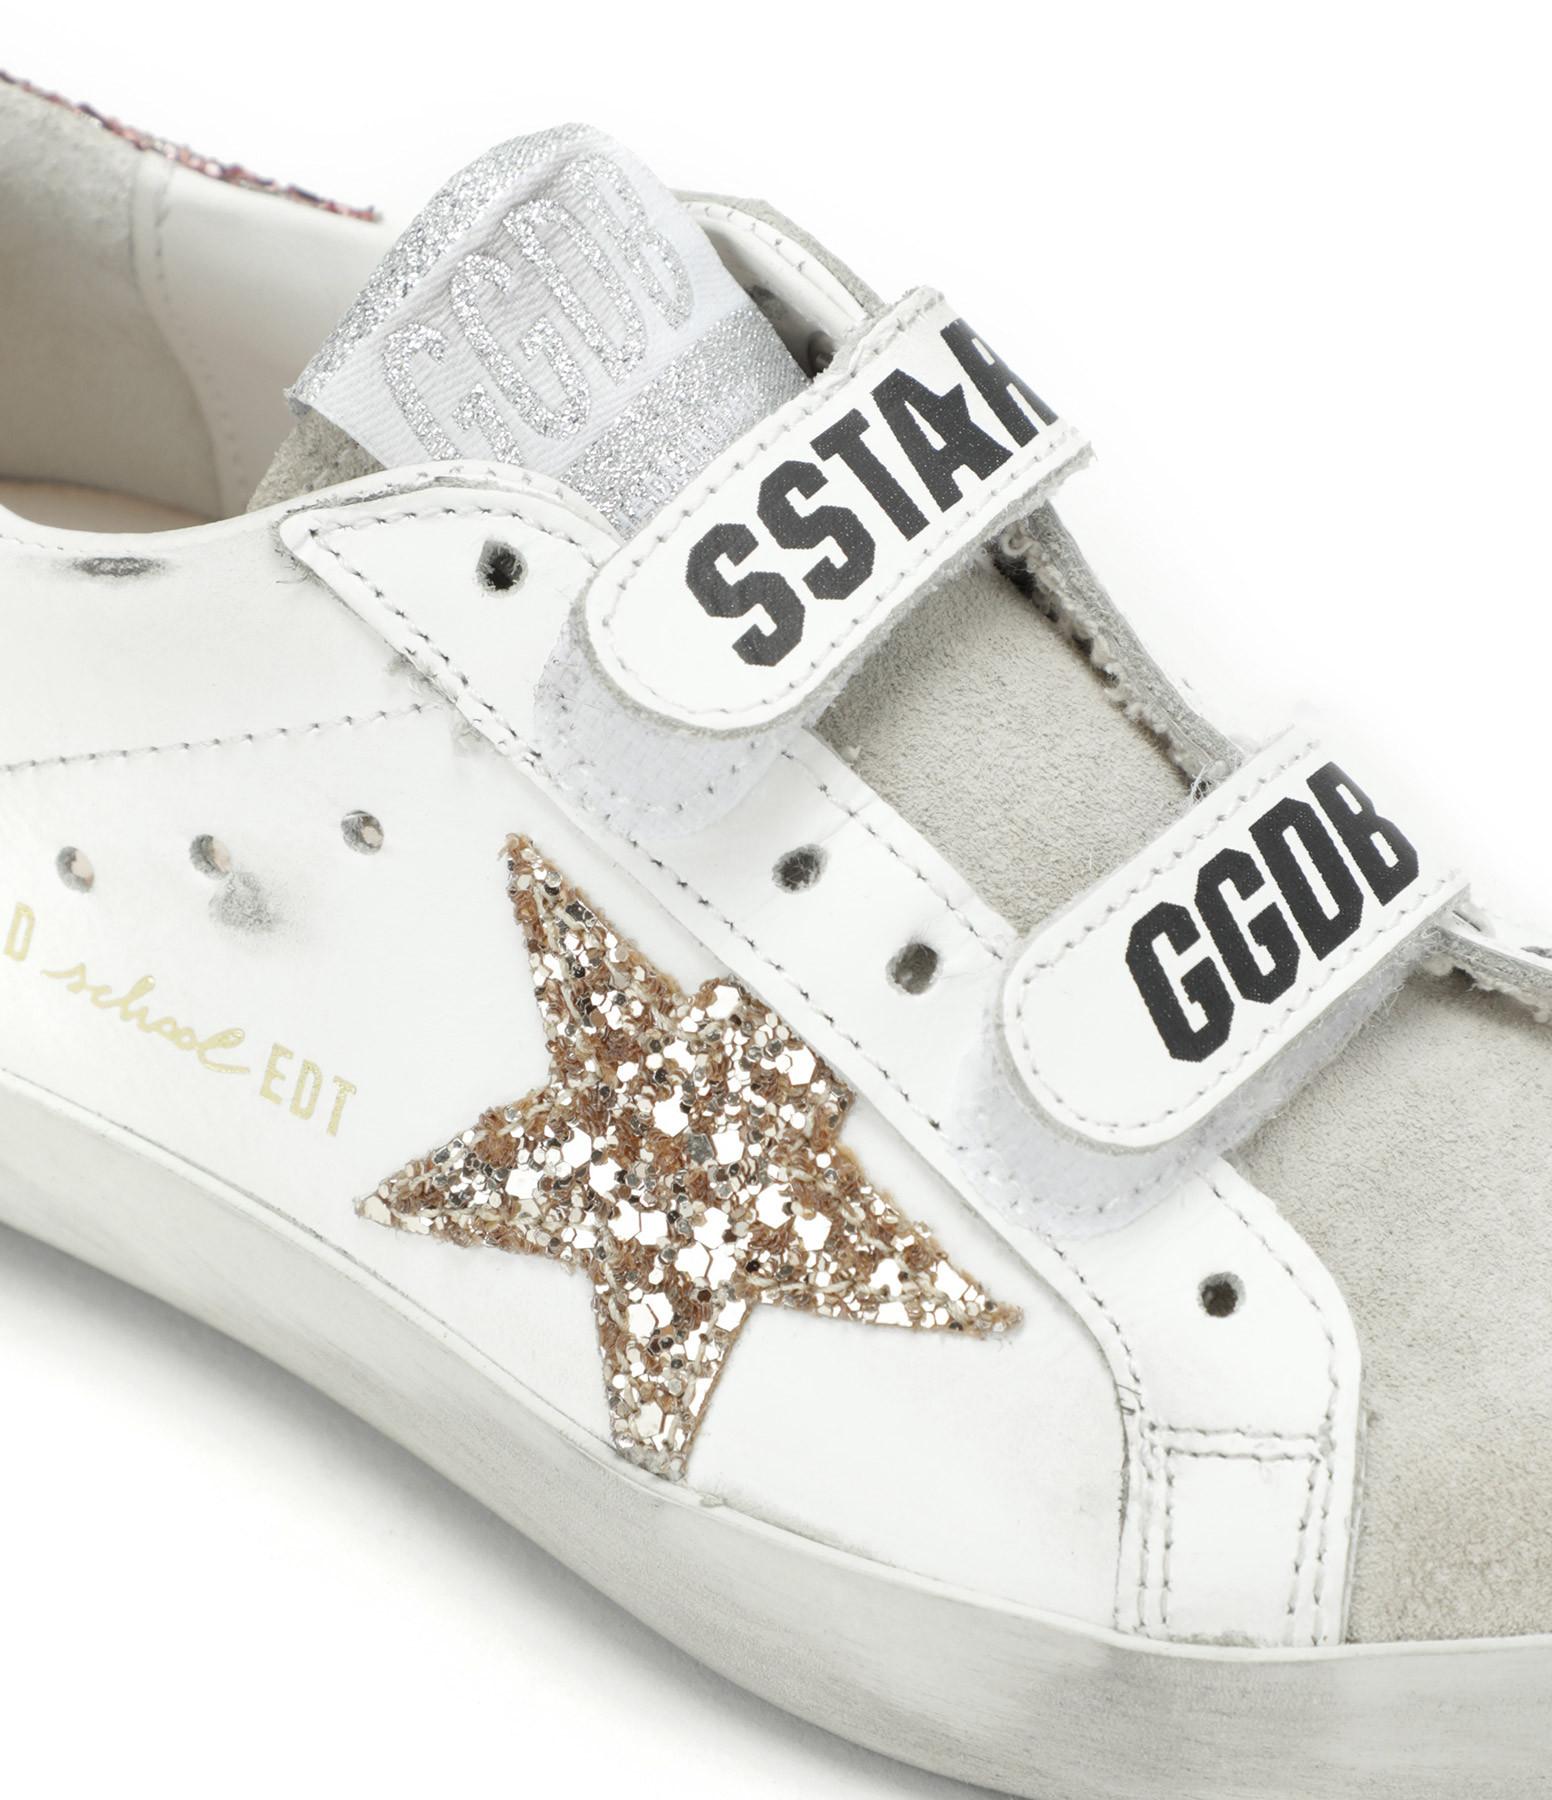 GOLDEN GOOSE - Baskets Enfant Old School Cuir Suédé Glitter Saumon Doré